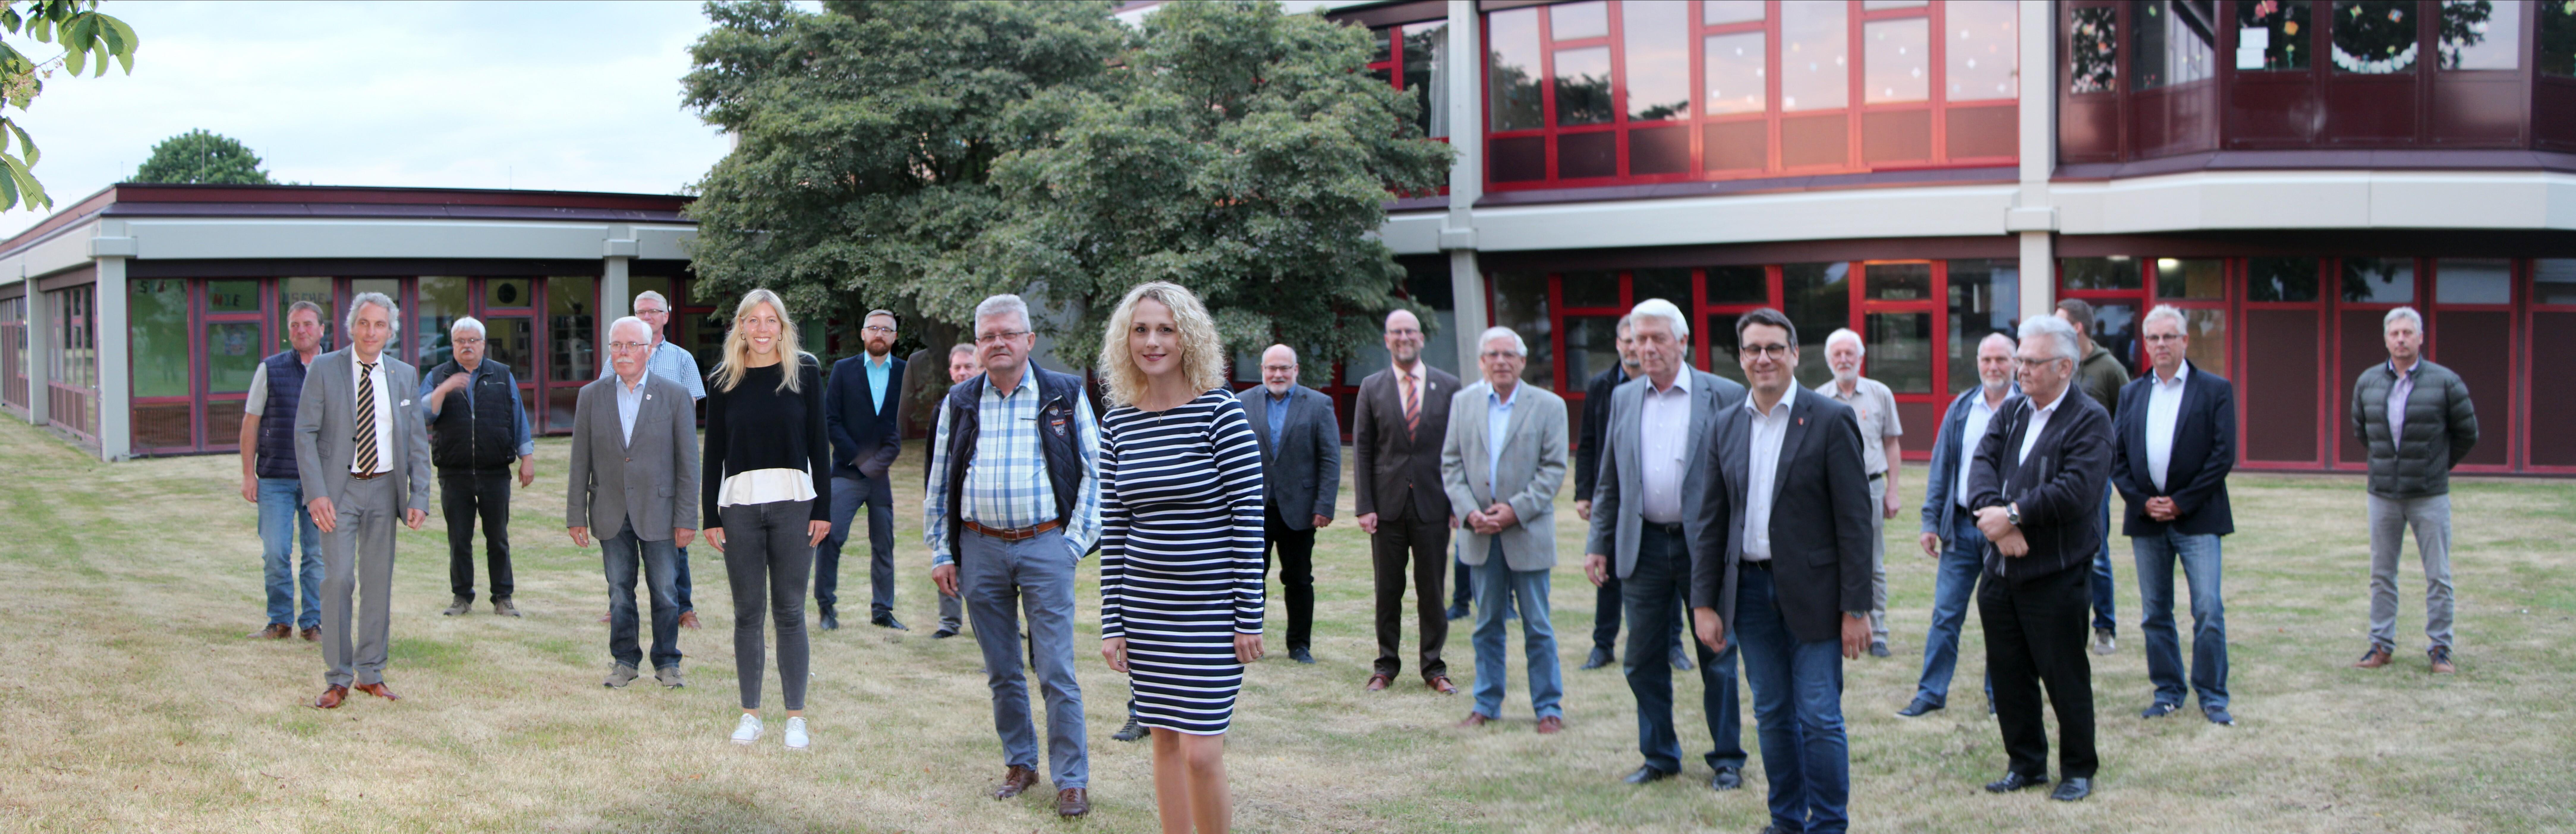 CDU Preußisch Oldendorf stellt sich neu auf